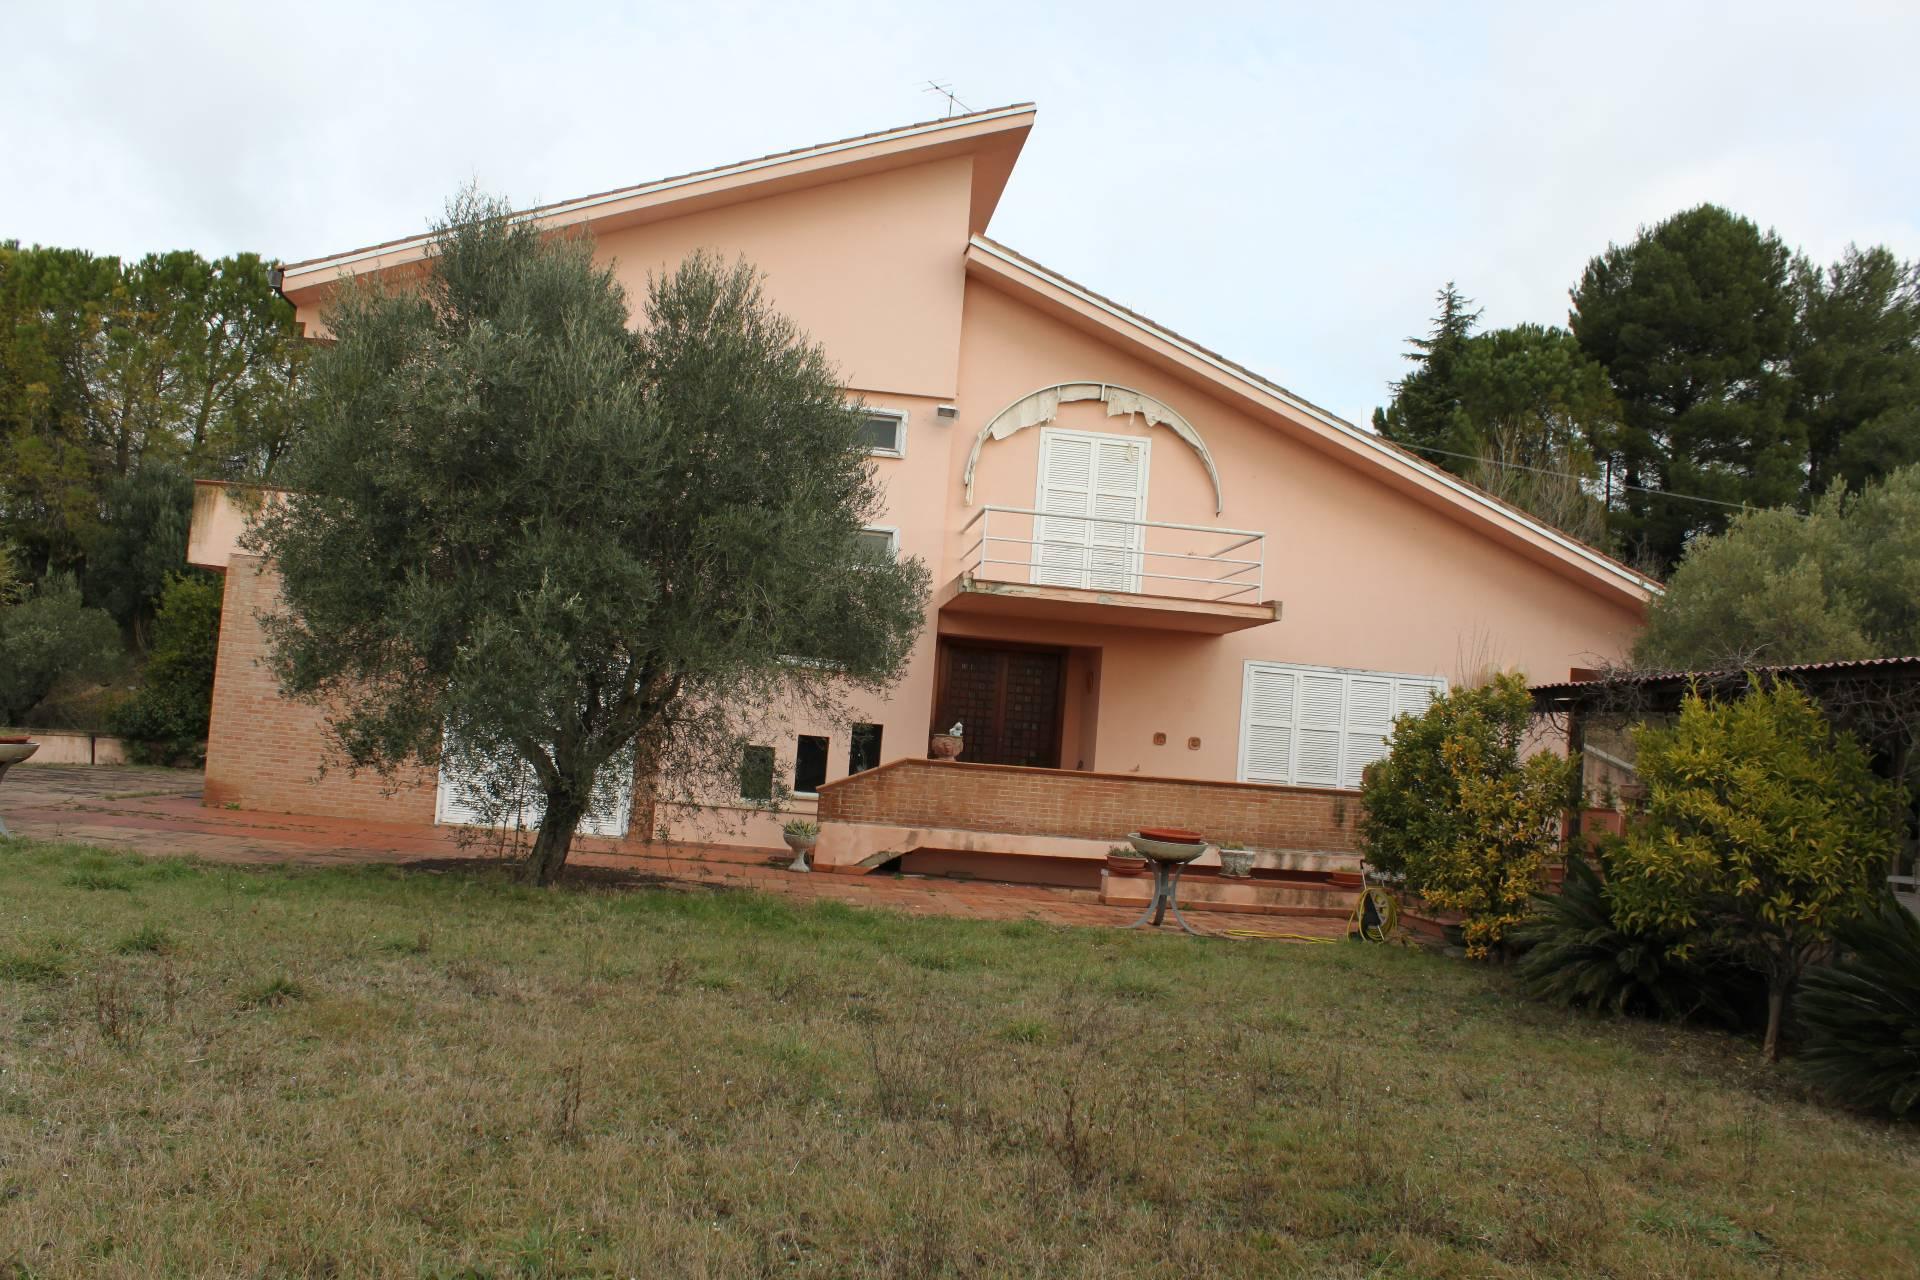 Villa in vendita a Montecassiano, 12 locali, prezzo € 400.000 | CambioCasa.it